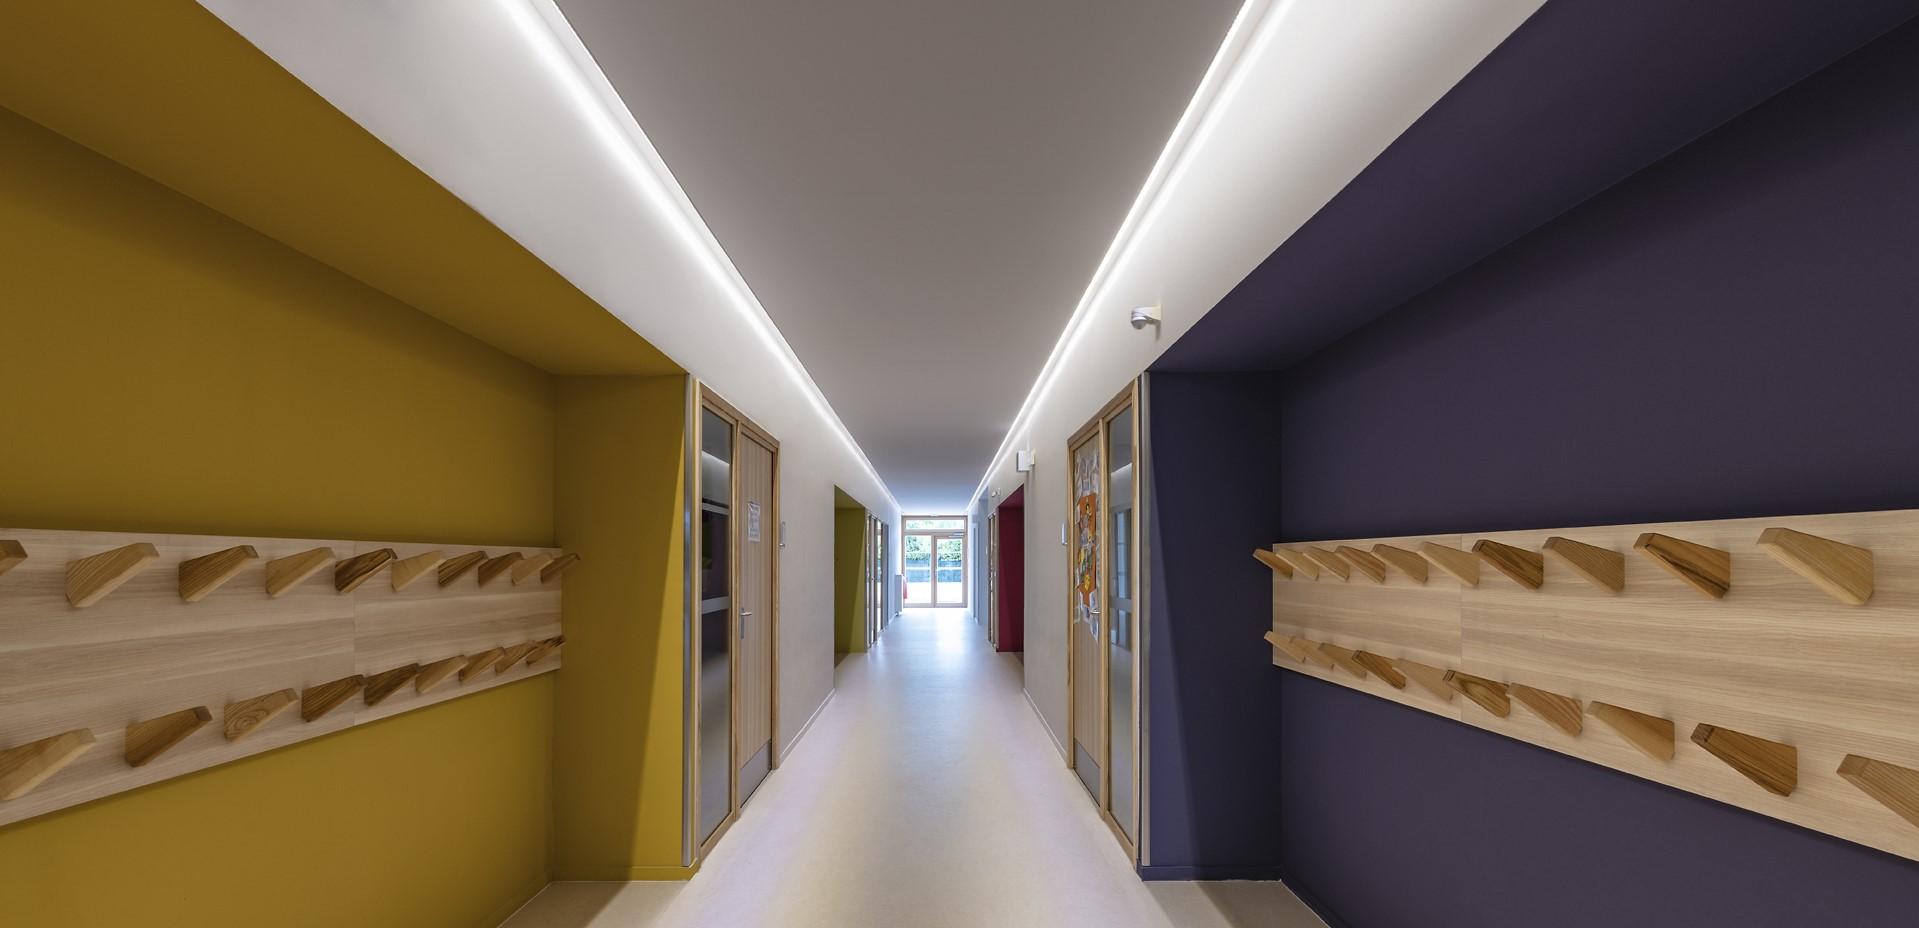 Gorge lumineuse dans un couloir coloré de l'école Simone Veil